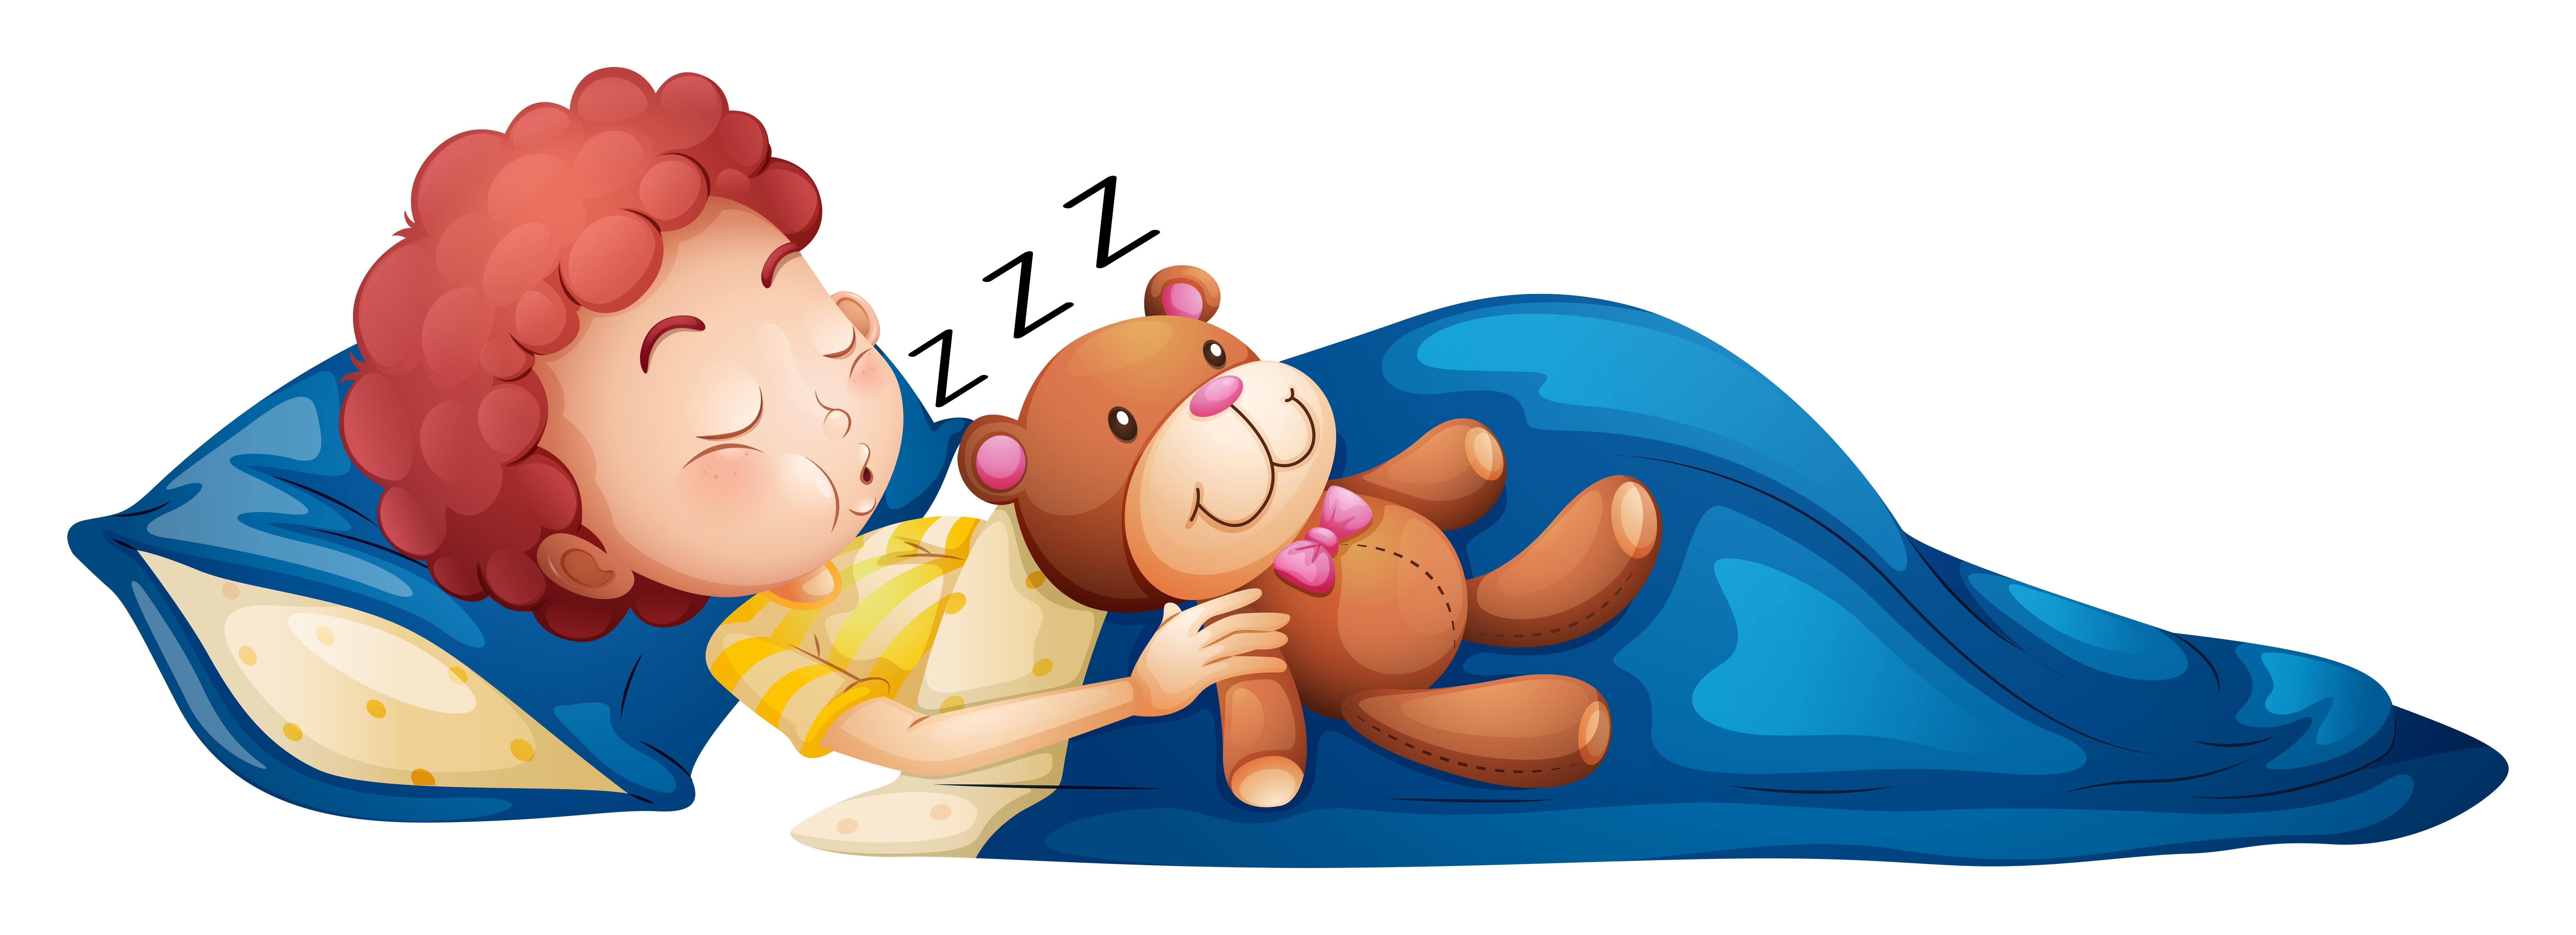 Schlaf Bilder Comic